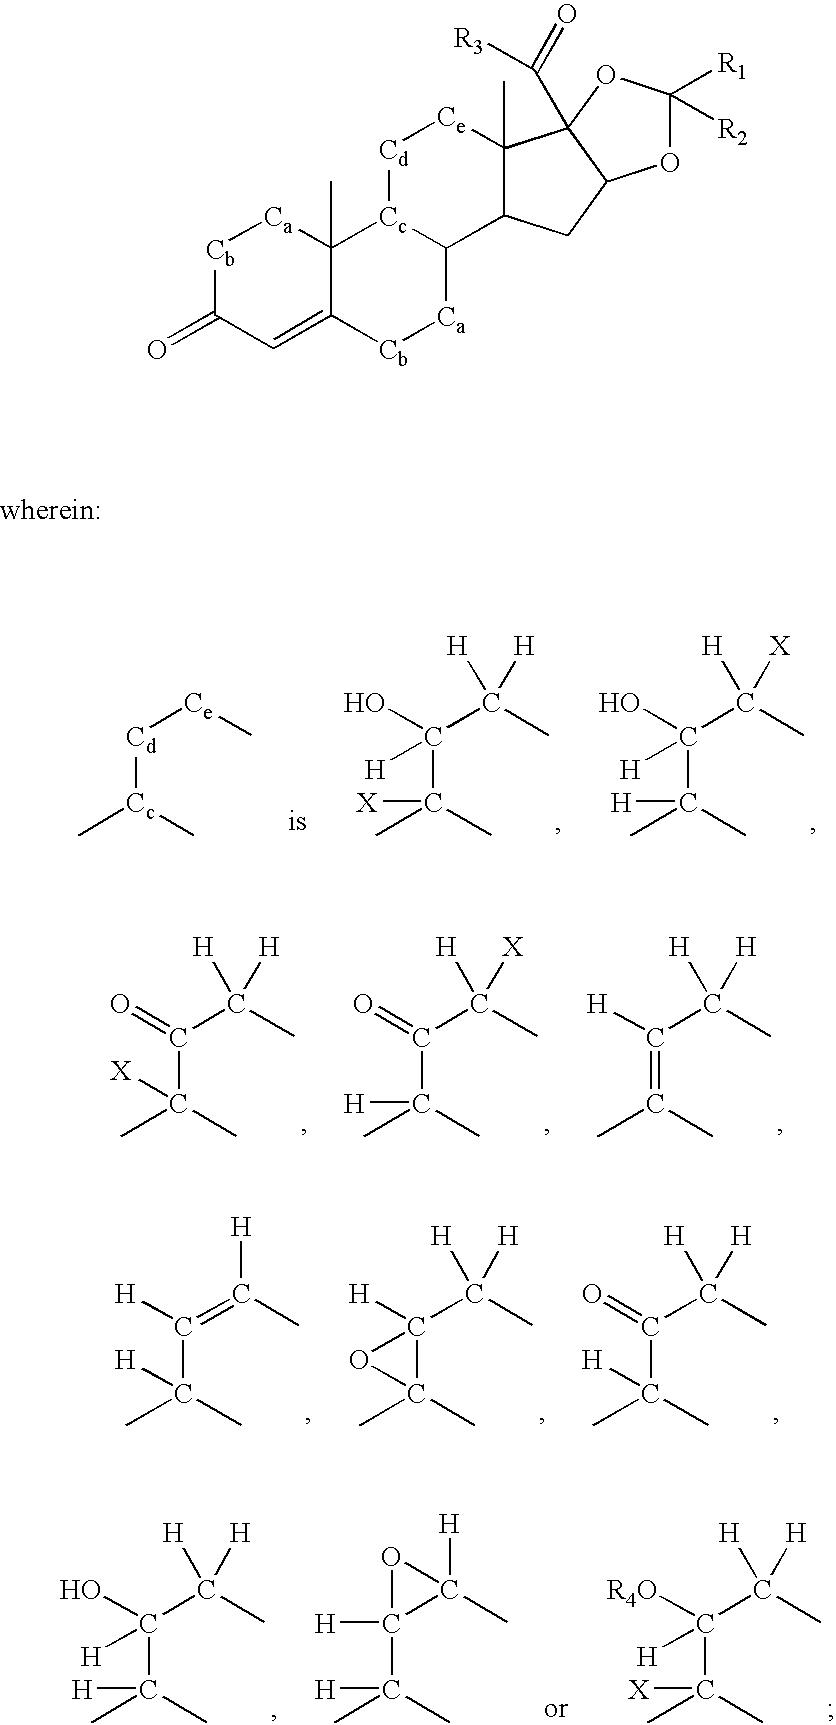 Figure US20050192264A1-20050901-C00005